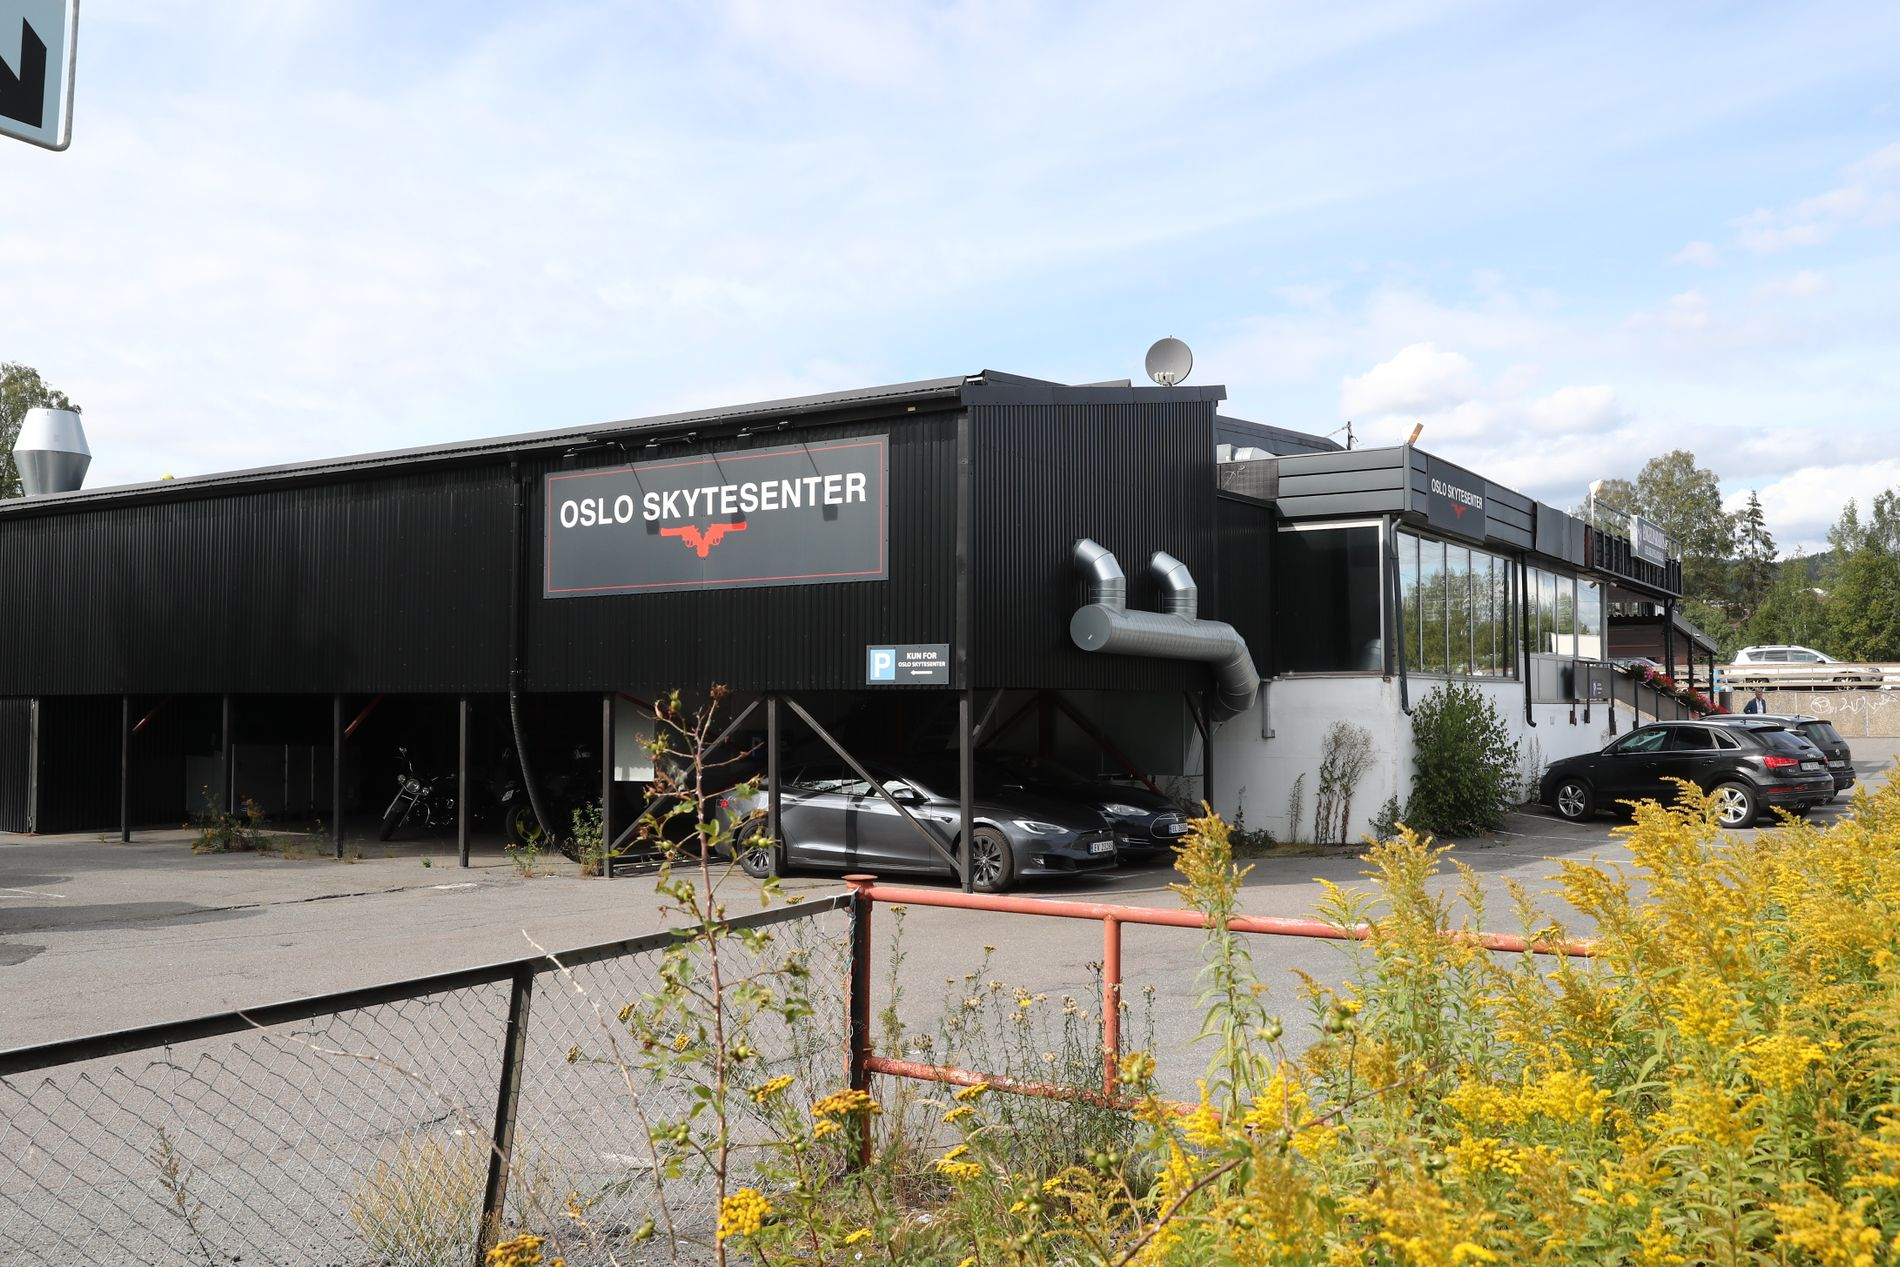 MEDLEM: Philip Manshaus var medlem i Stor-Oslo Skyteklubb siden 2018. Her Oslo Oslo skytesenter, som klubben har kontrakt med.